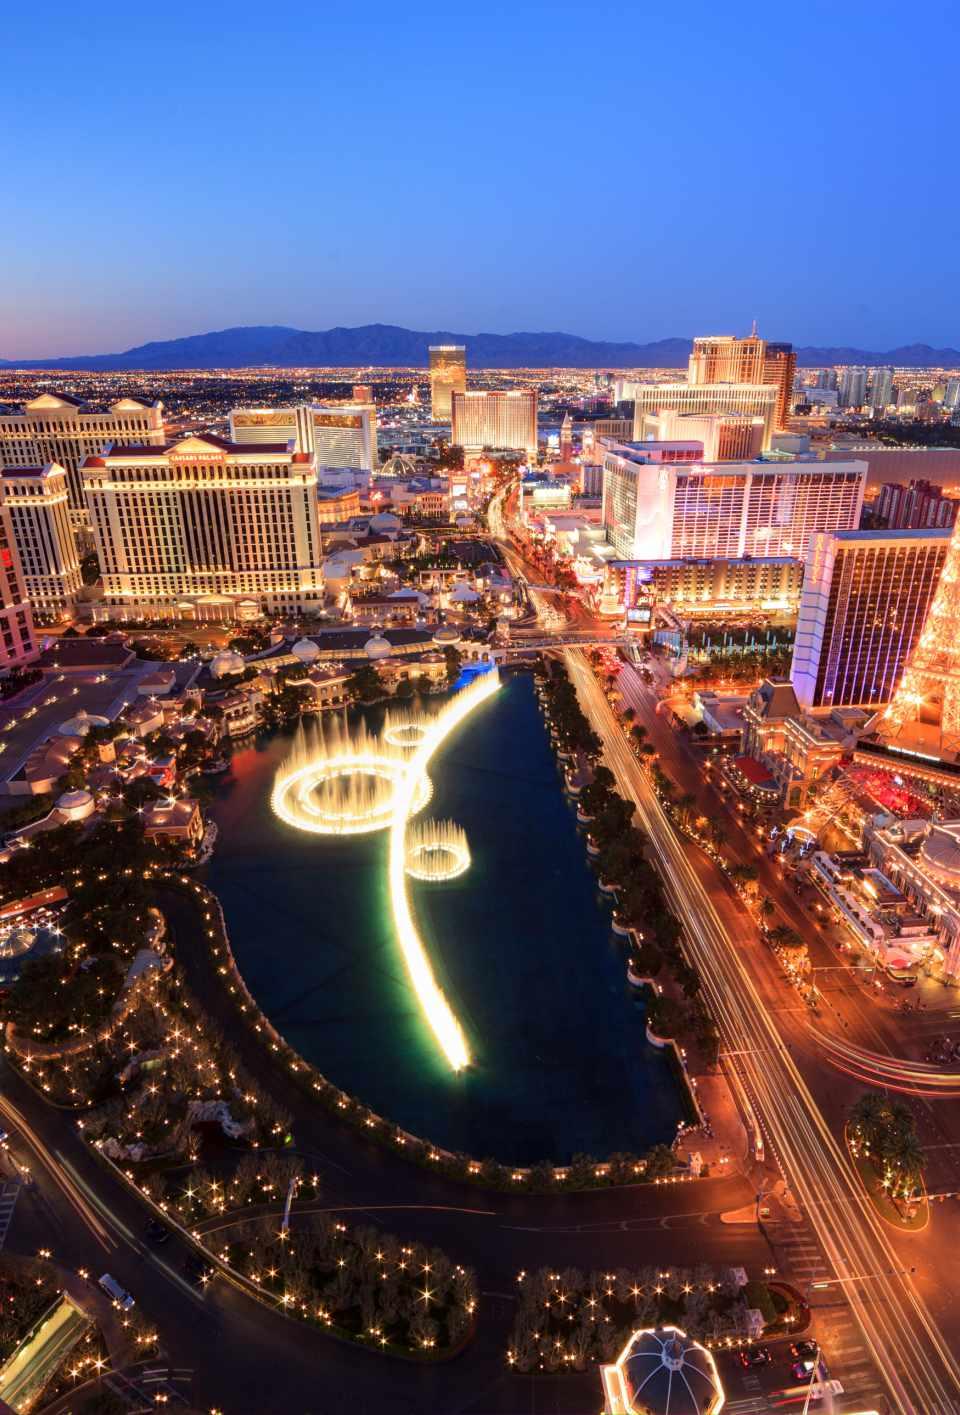 View of Las Vegas strip